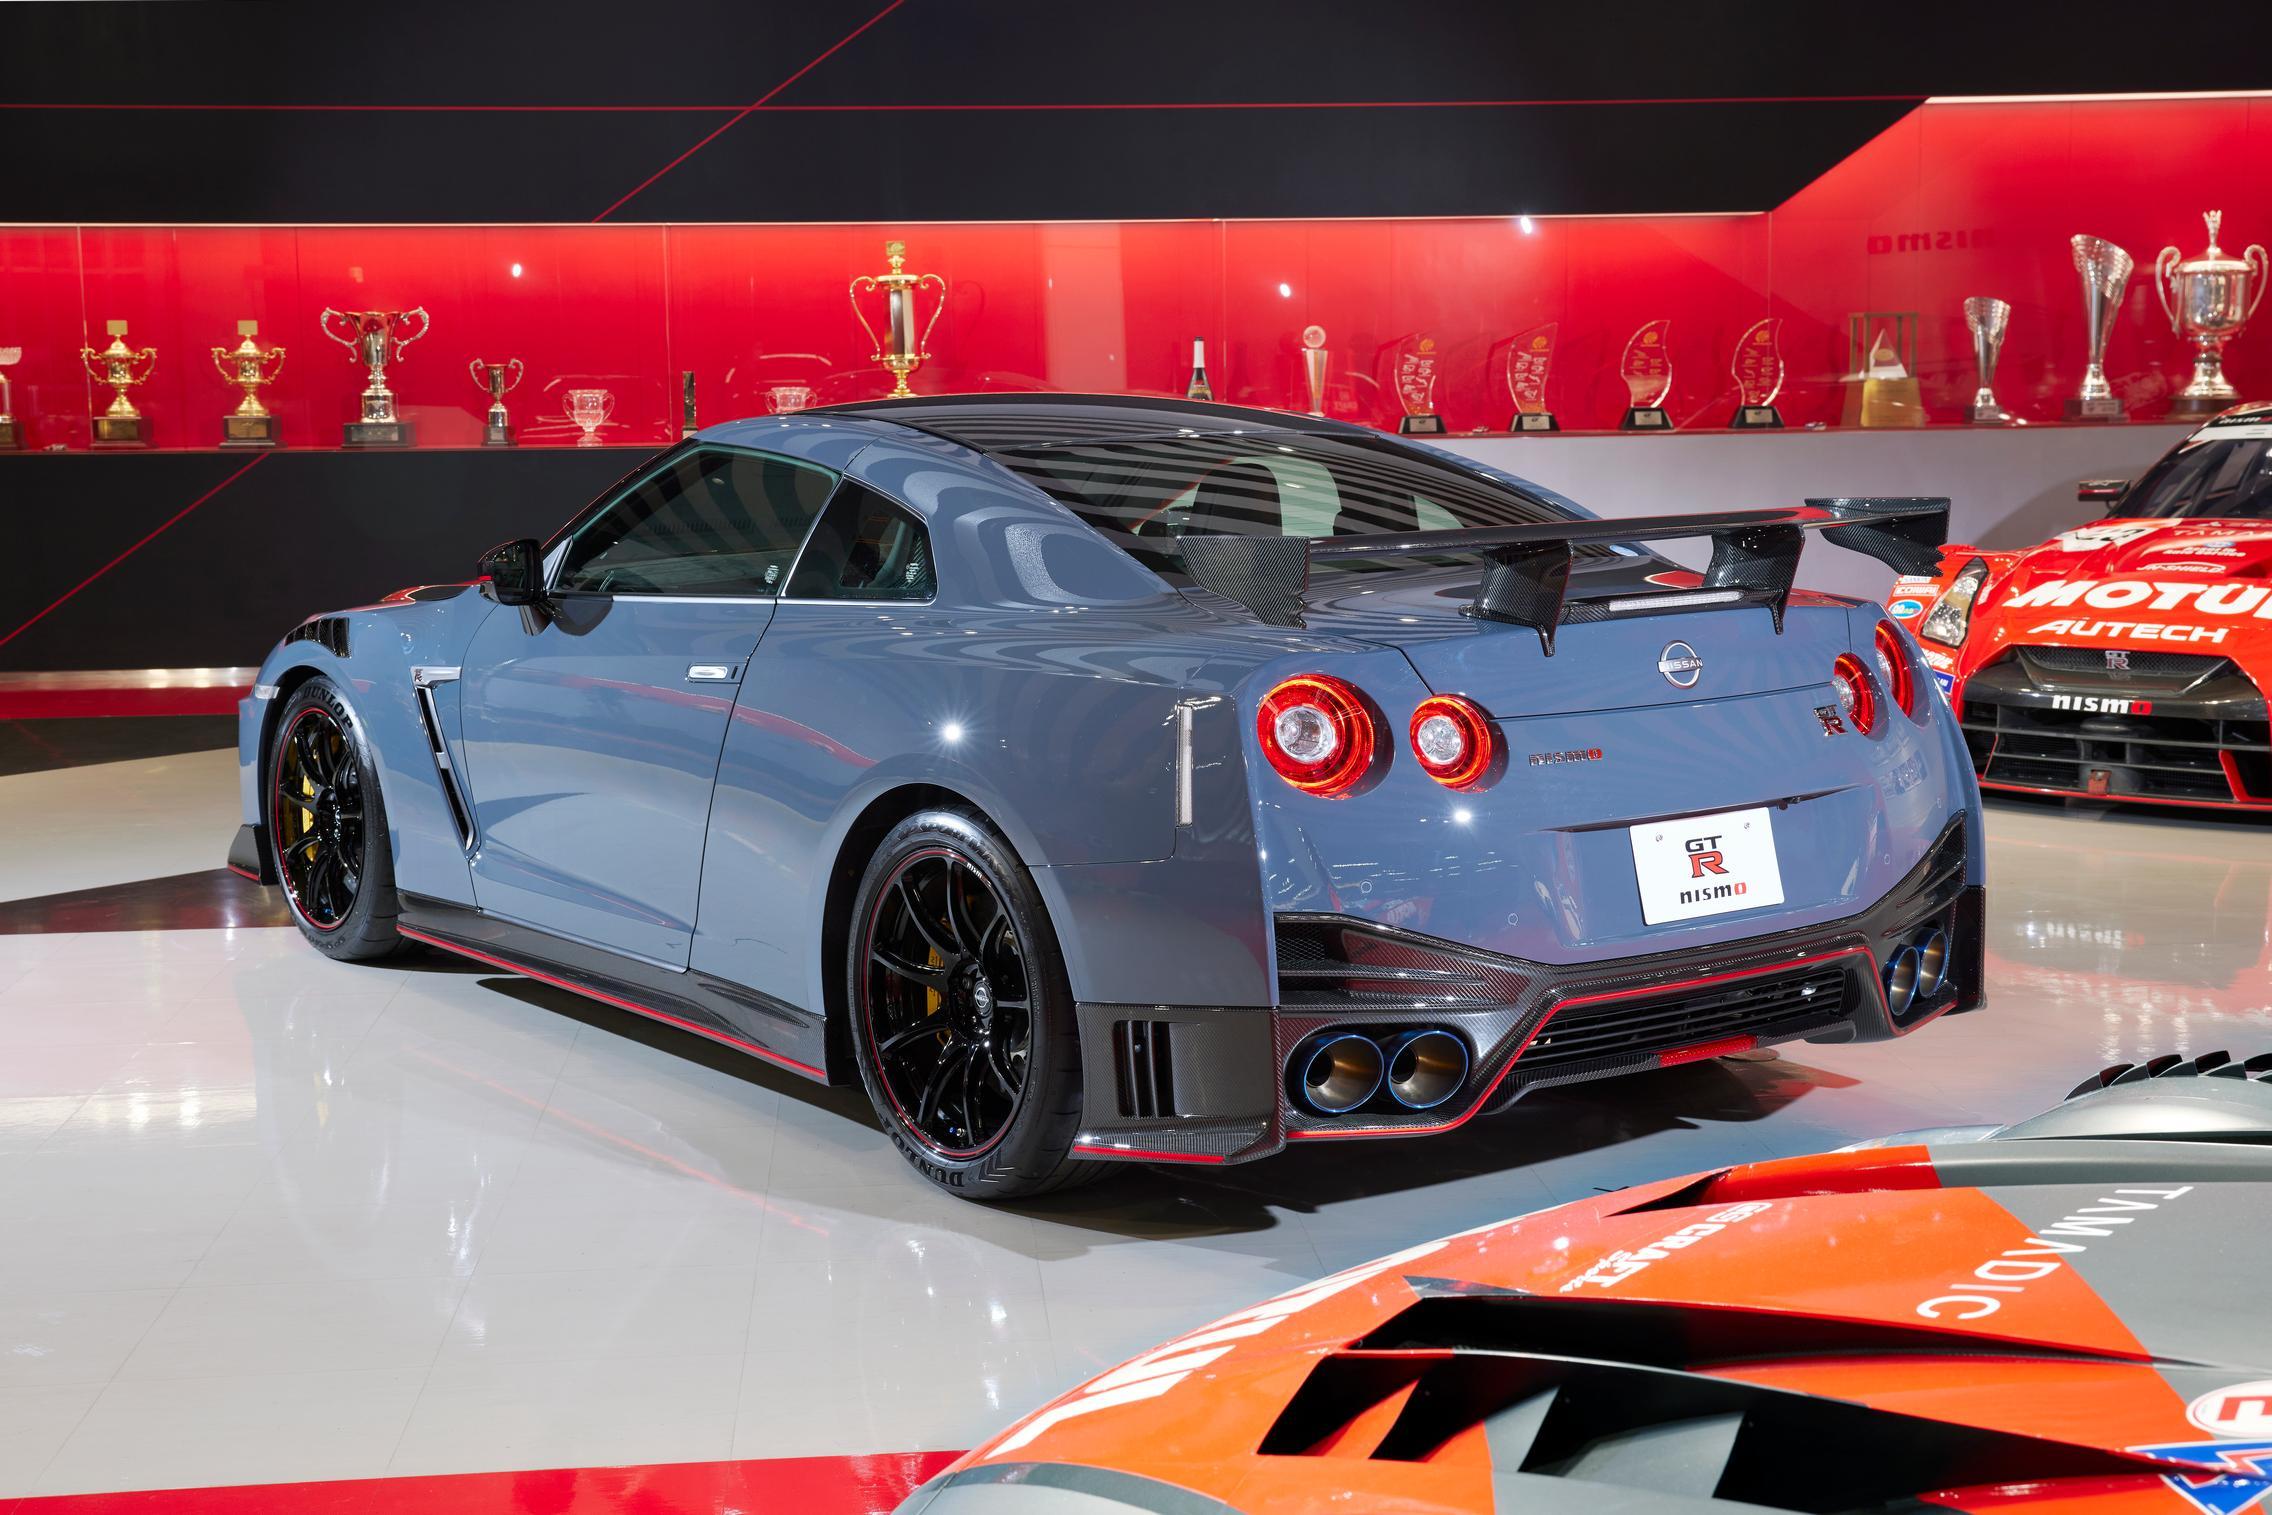 2022 Nissan GT-R Nismo rear